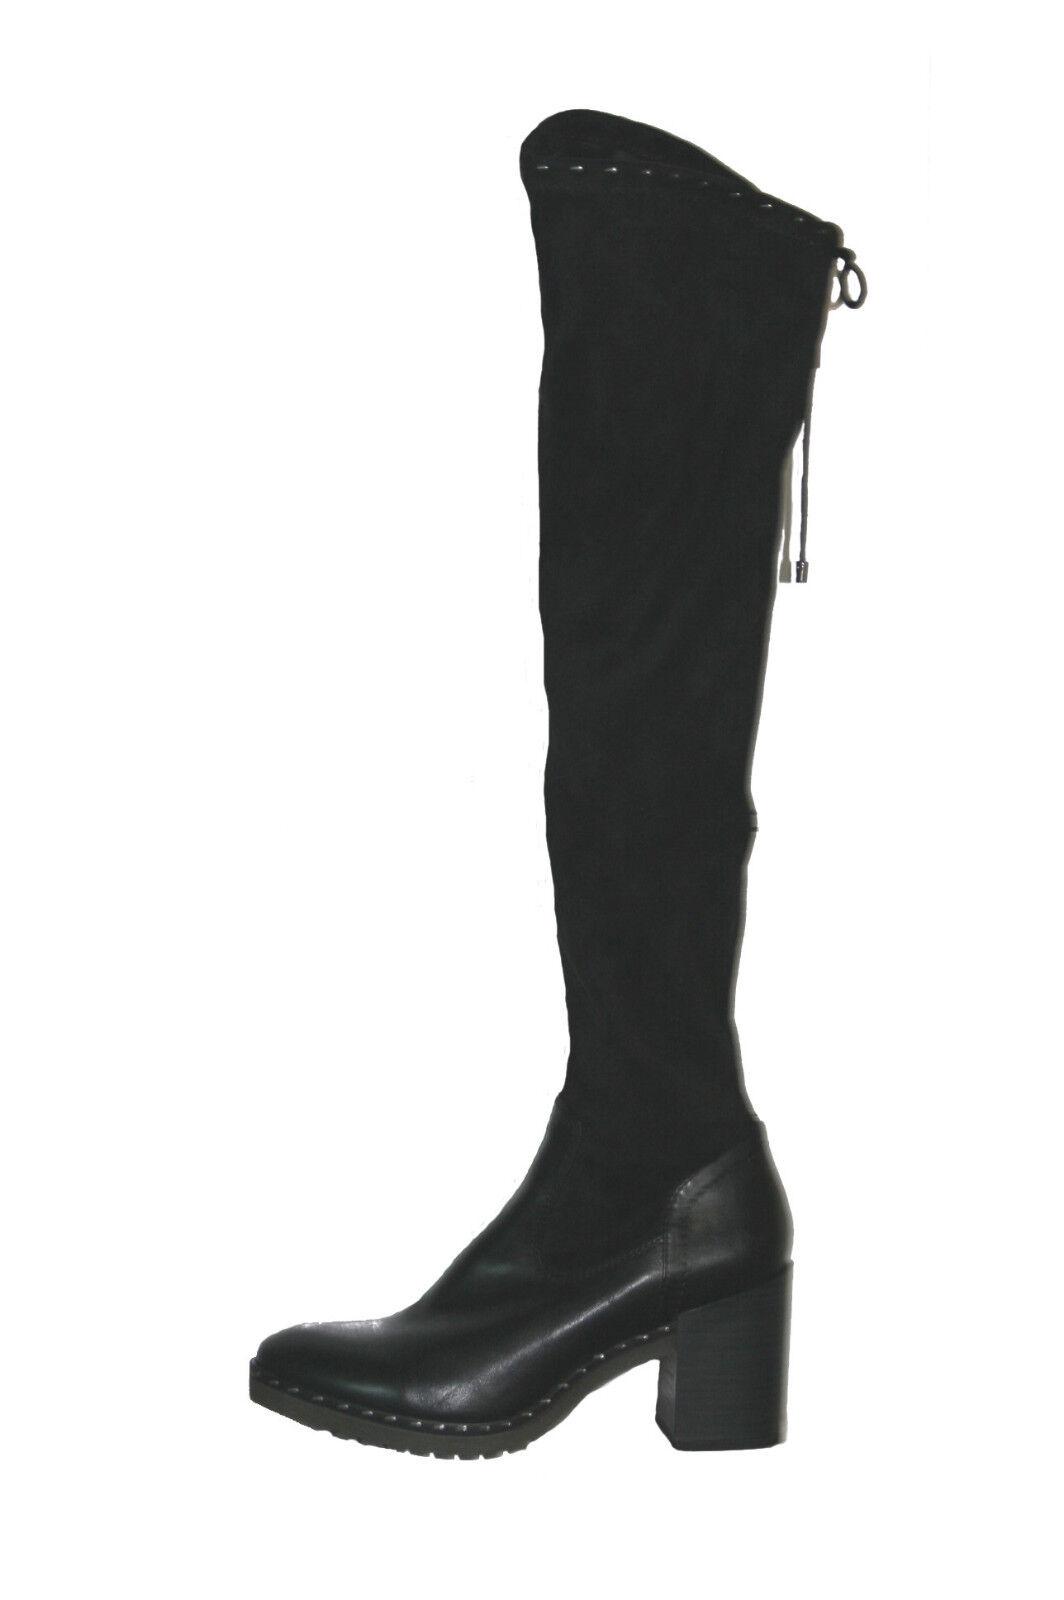 Tamaris señora 25536 botas de tendencia 1 25536 señora 39 001 negro Edel ocio nuevo 0821c9